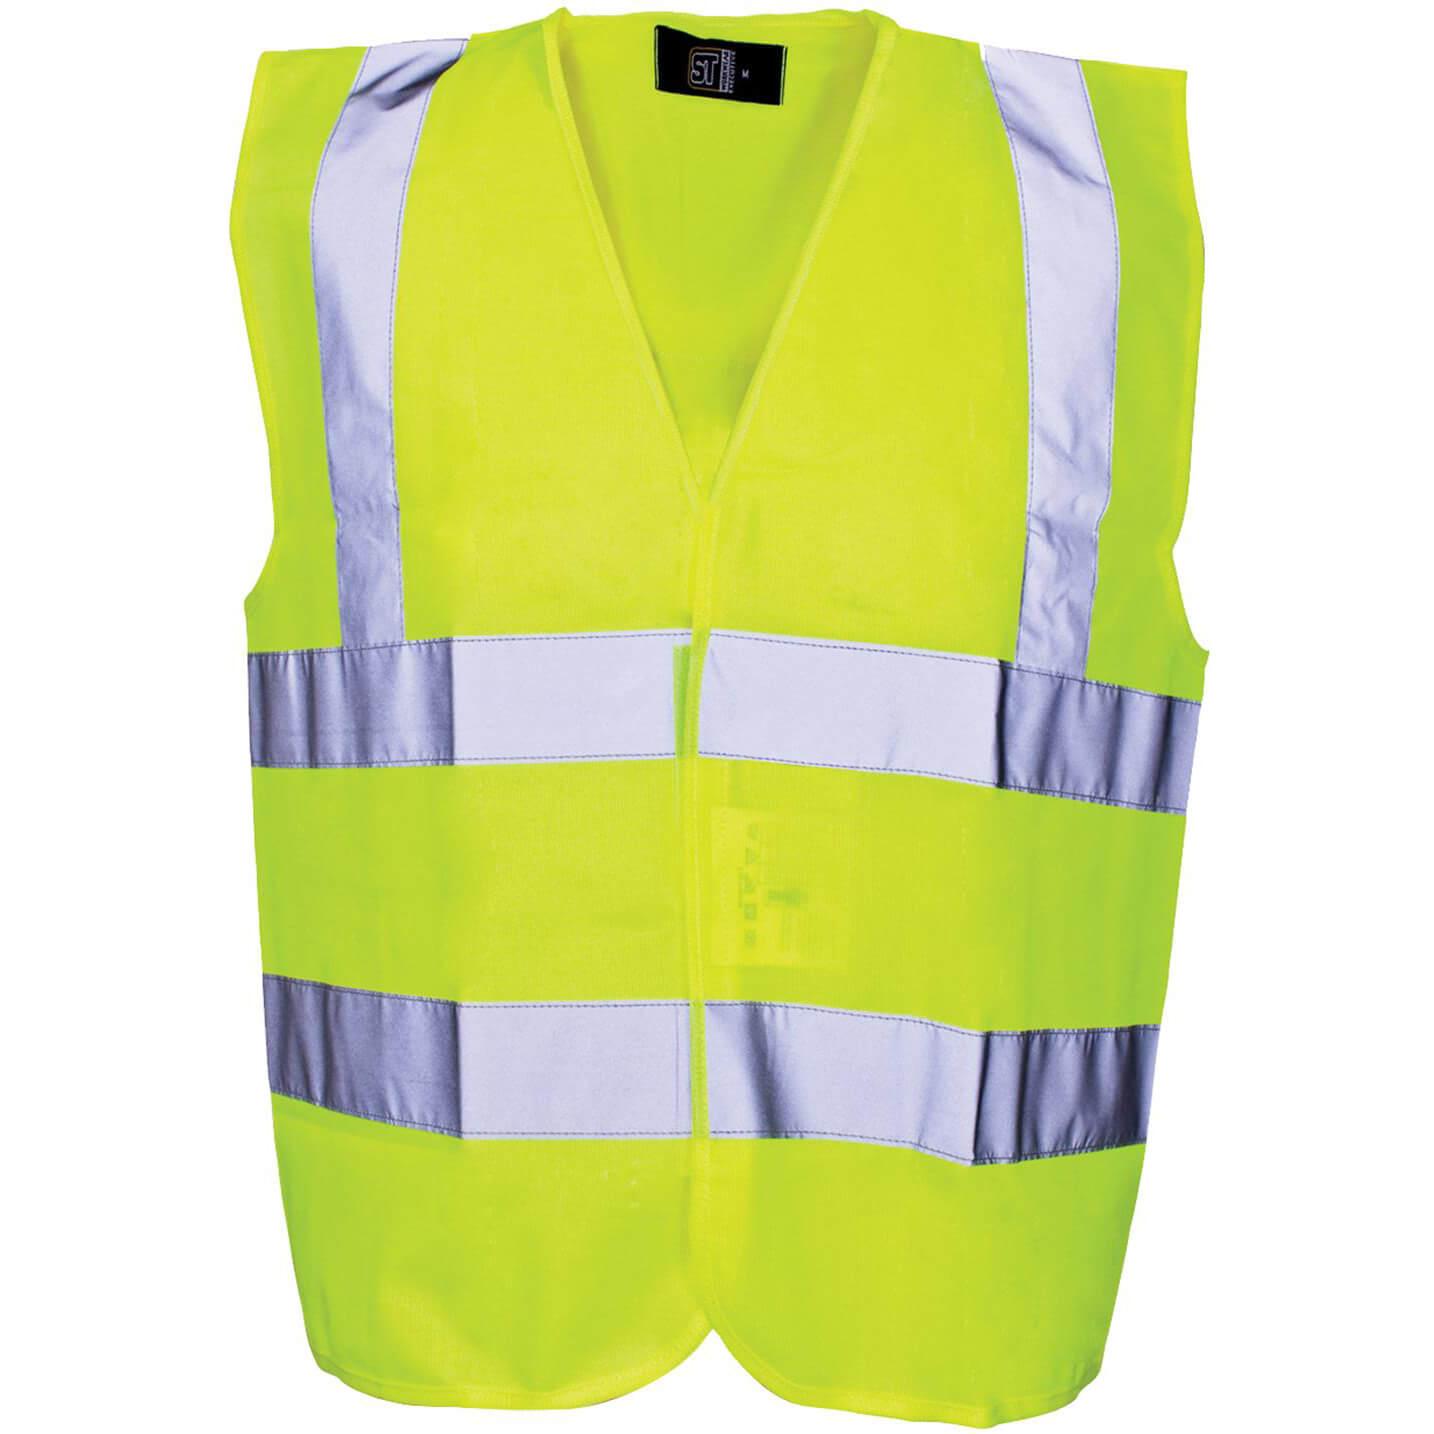 Image of Scan Childrens Hi Vis Waistcoat EN471 Class 2 Yellow 10 - 13